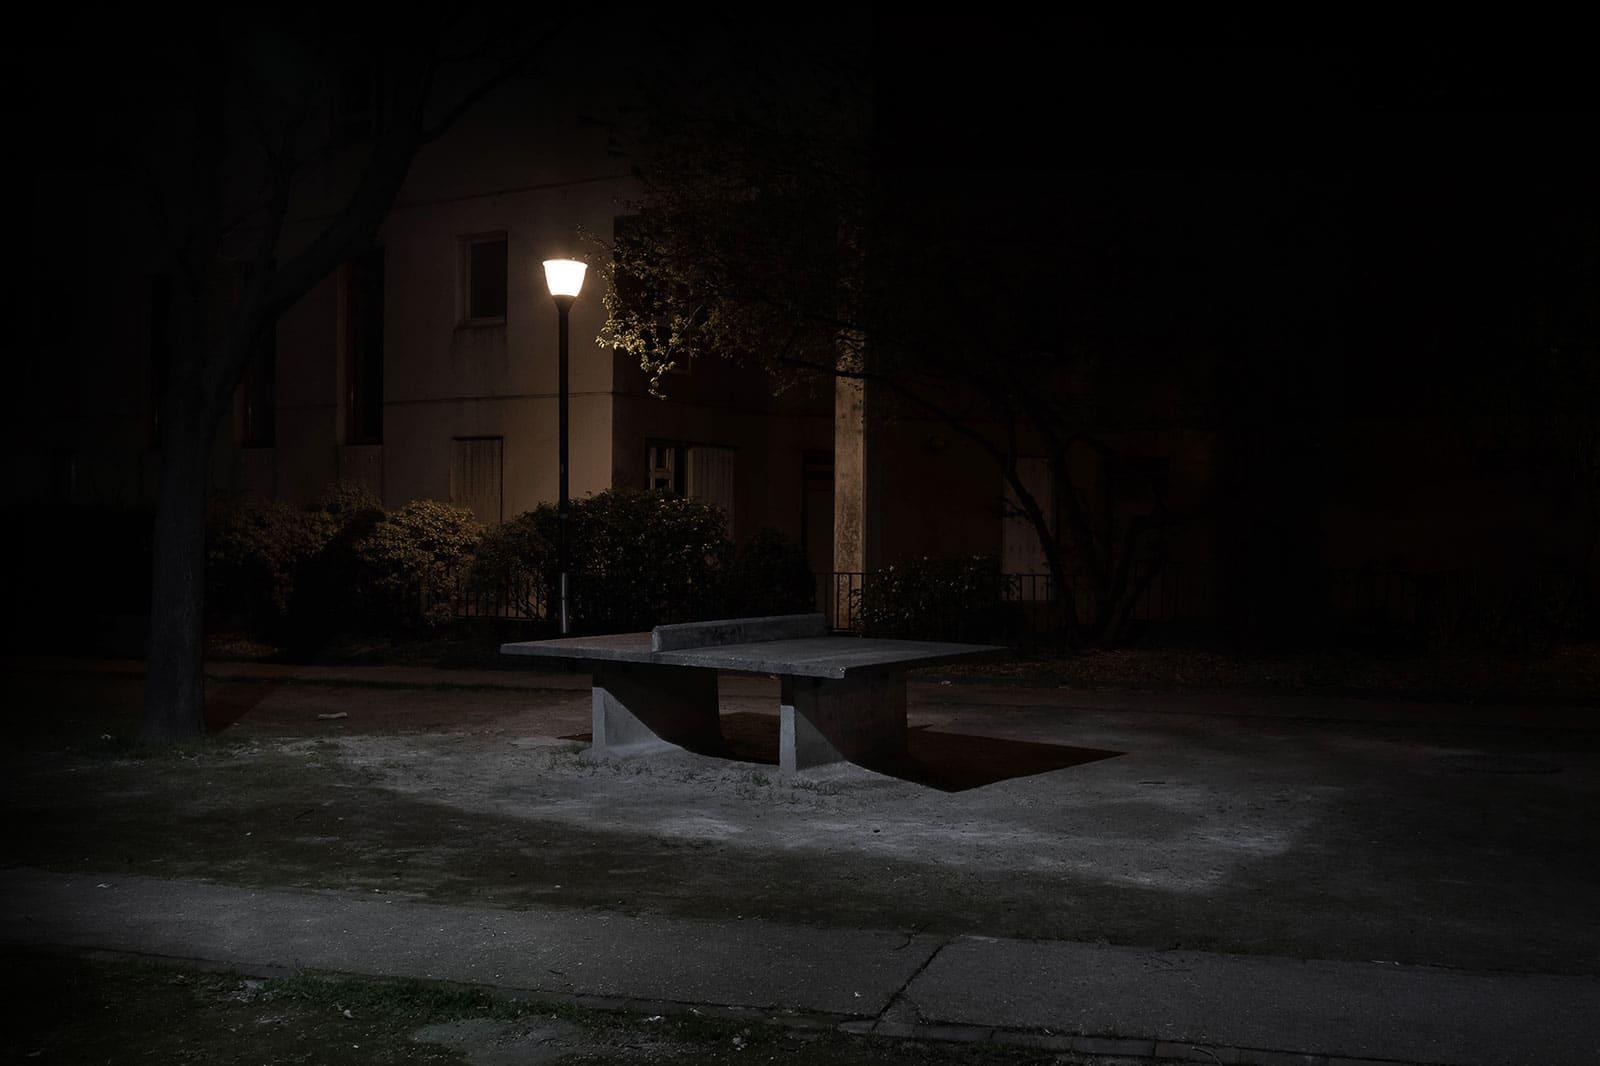 Monolithique - photographie de nuit urbaine